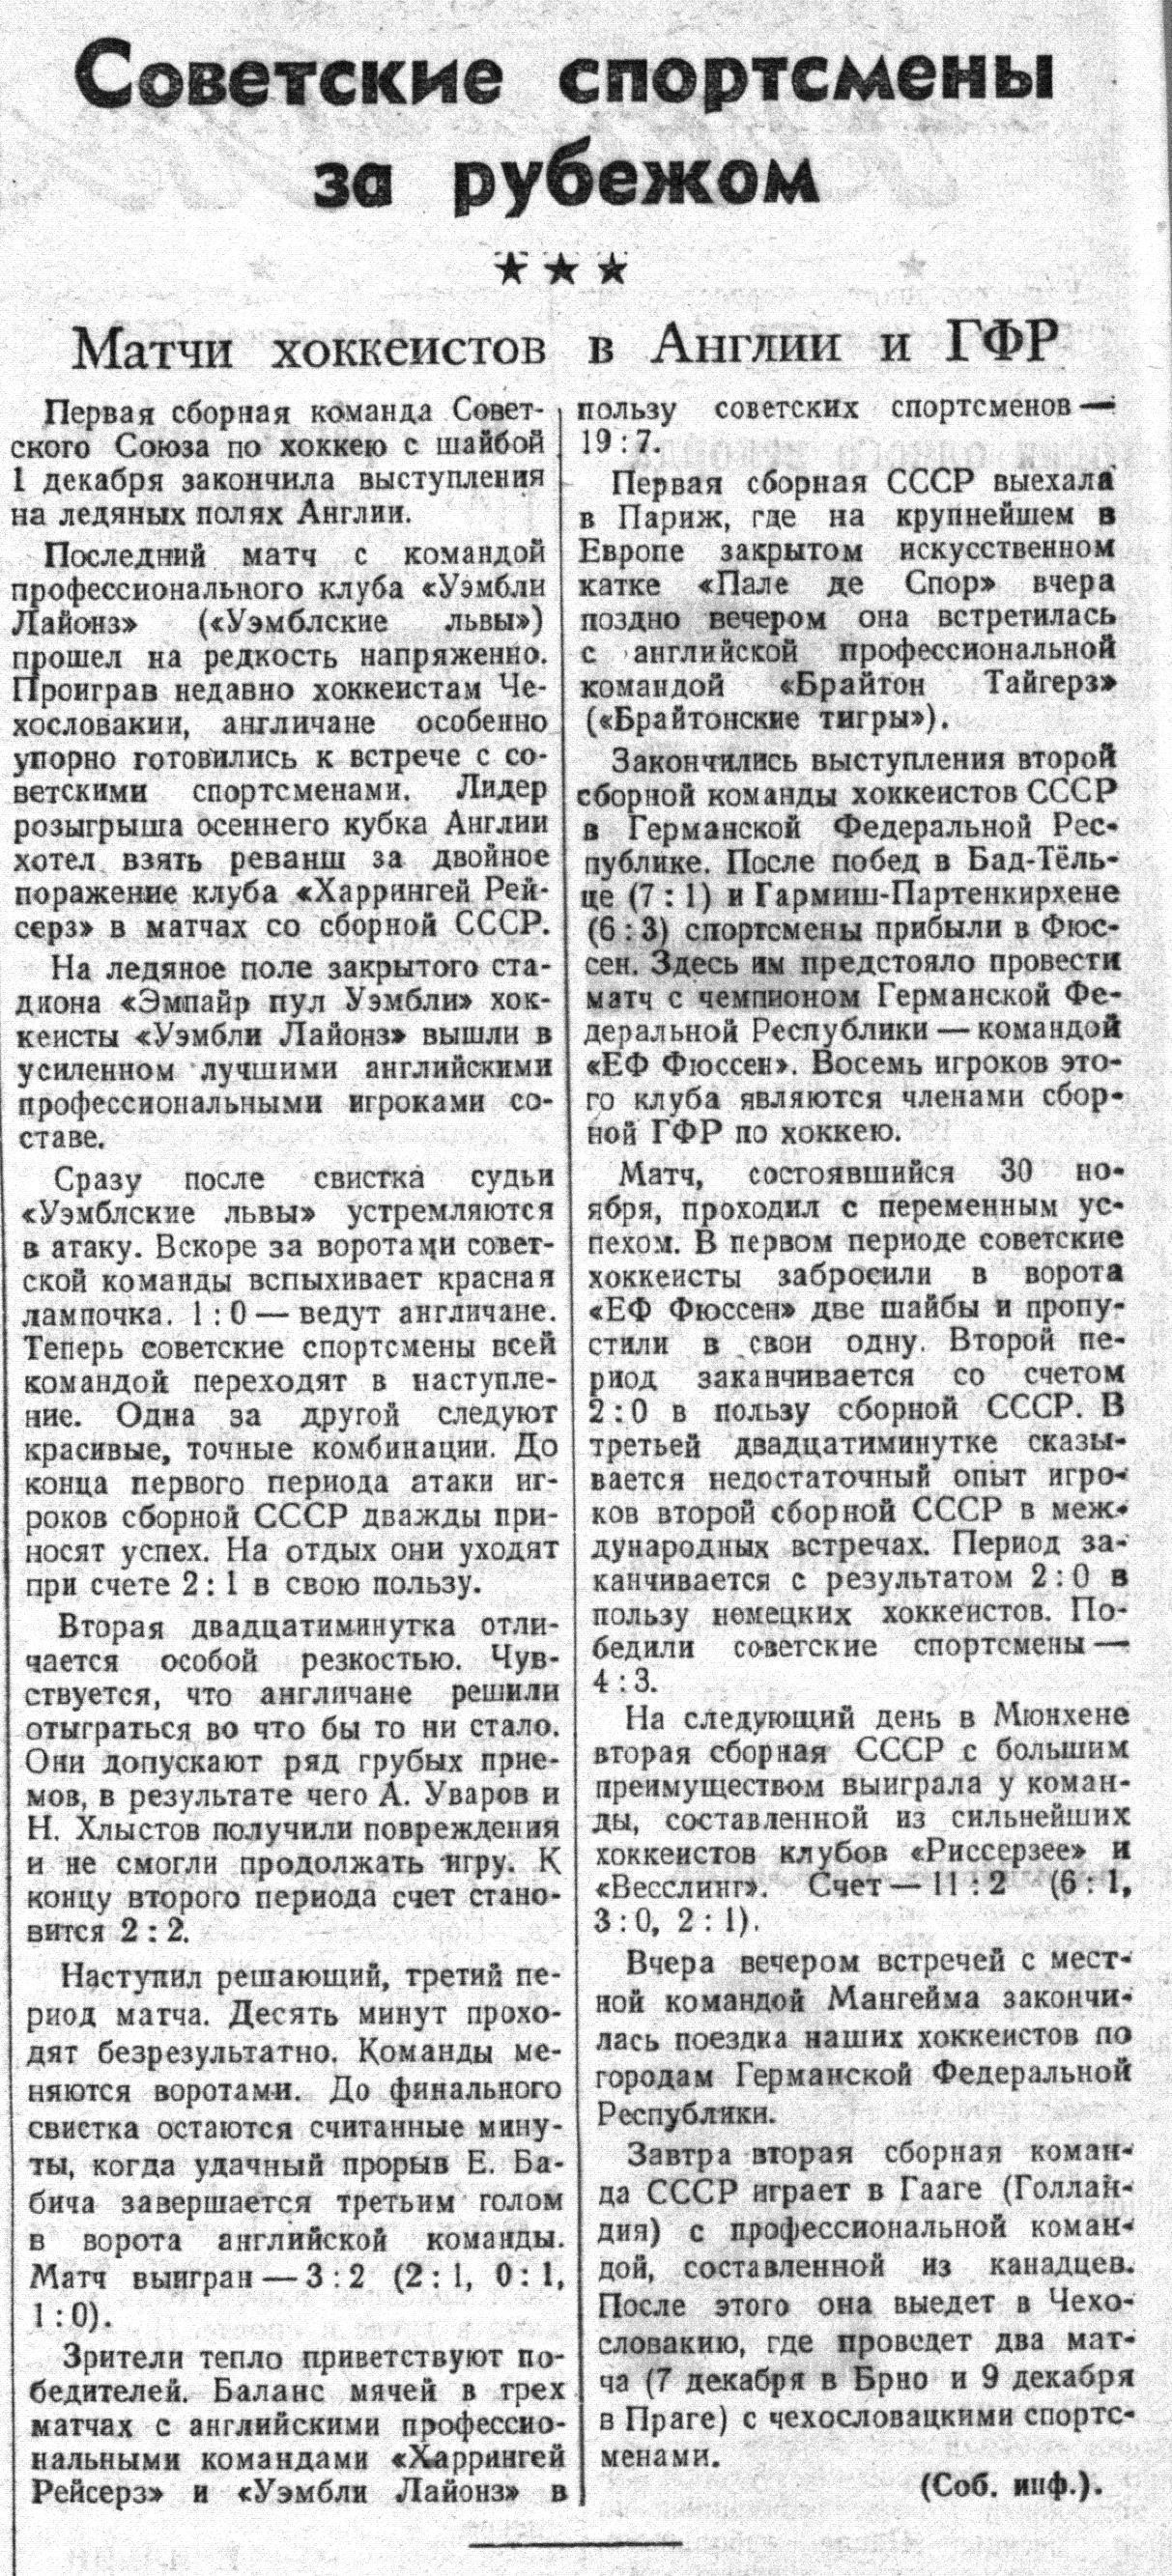 04 Sov_sport_1955_12_04_N146_s6.JPG